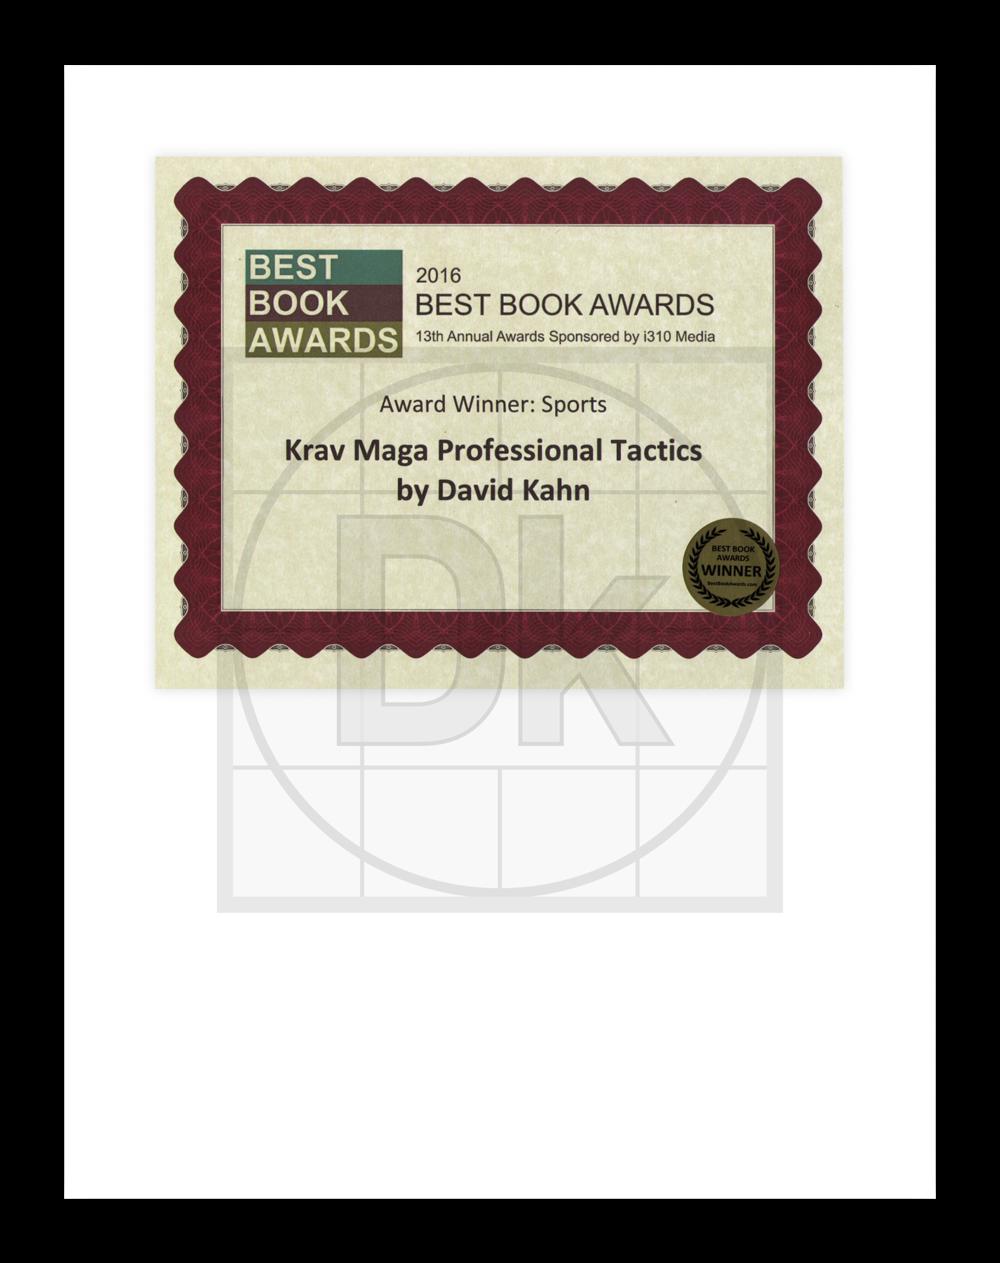 2016 Best Book Award